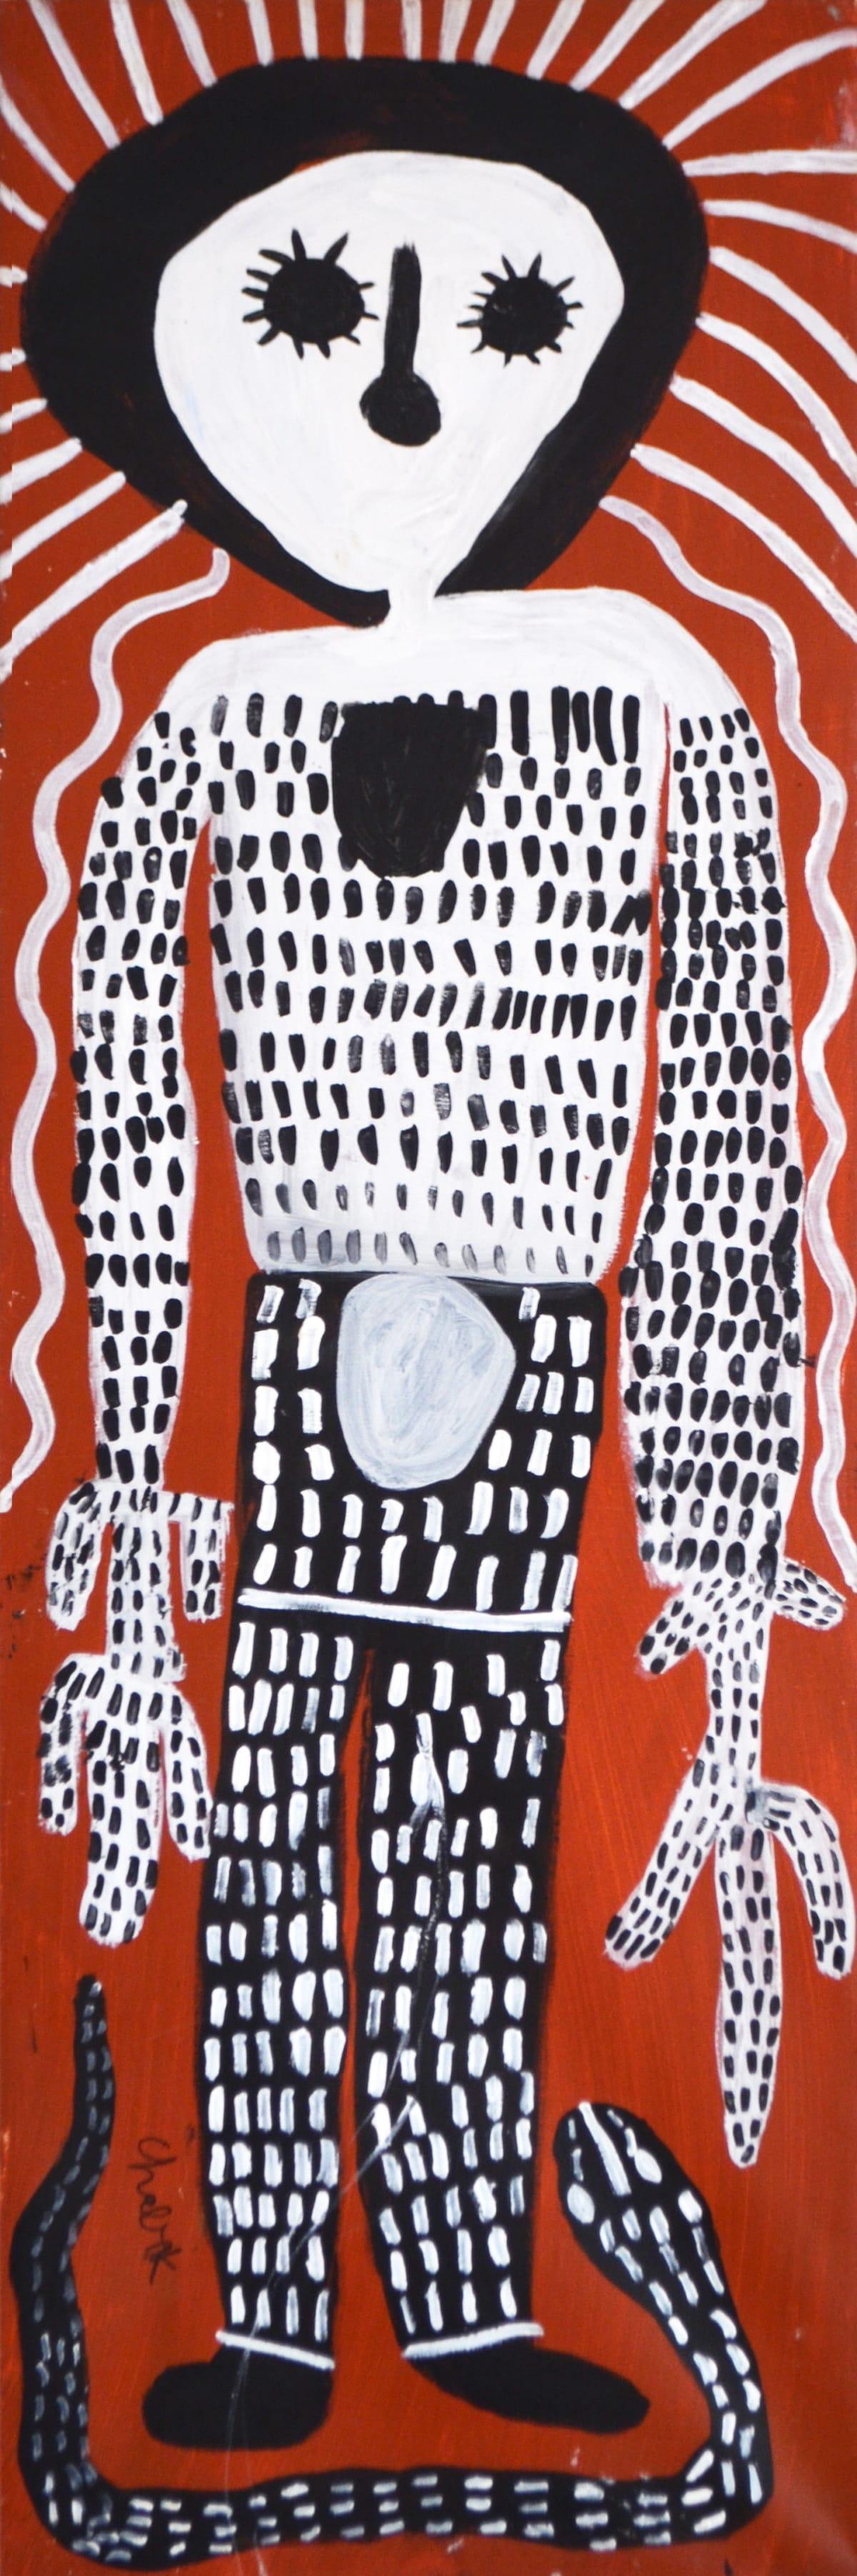 Mabel King Wandjina & Ungud Snakes acrylic on canvas 122 x 44 cm